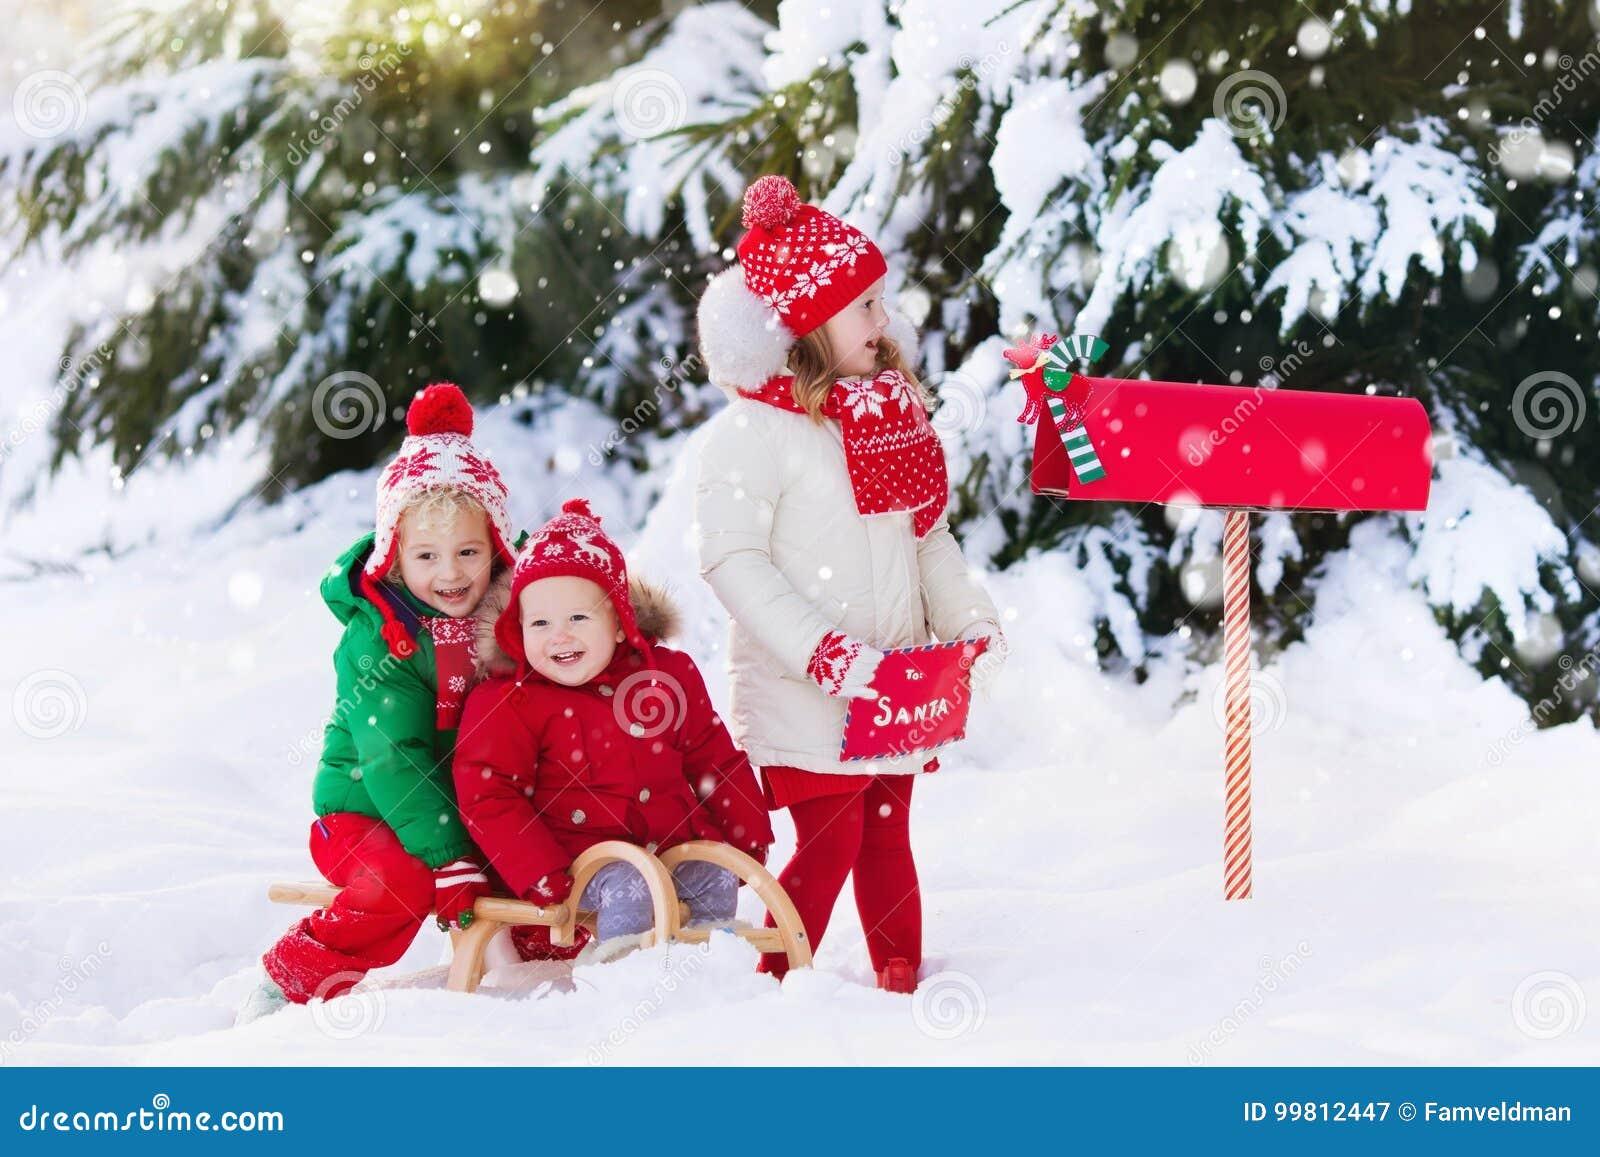 kinder mit buchstaben zu sankt am weihnachtsbriefkasten im